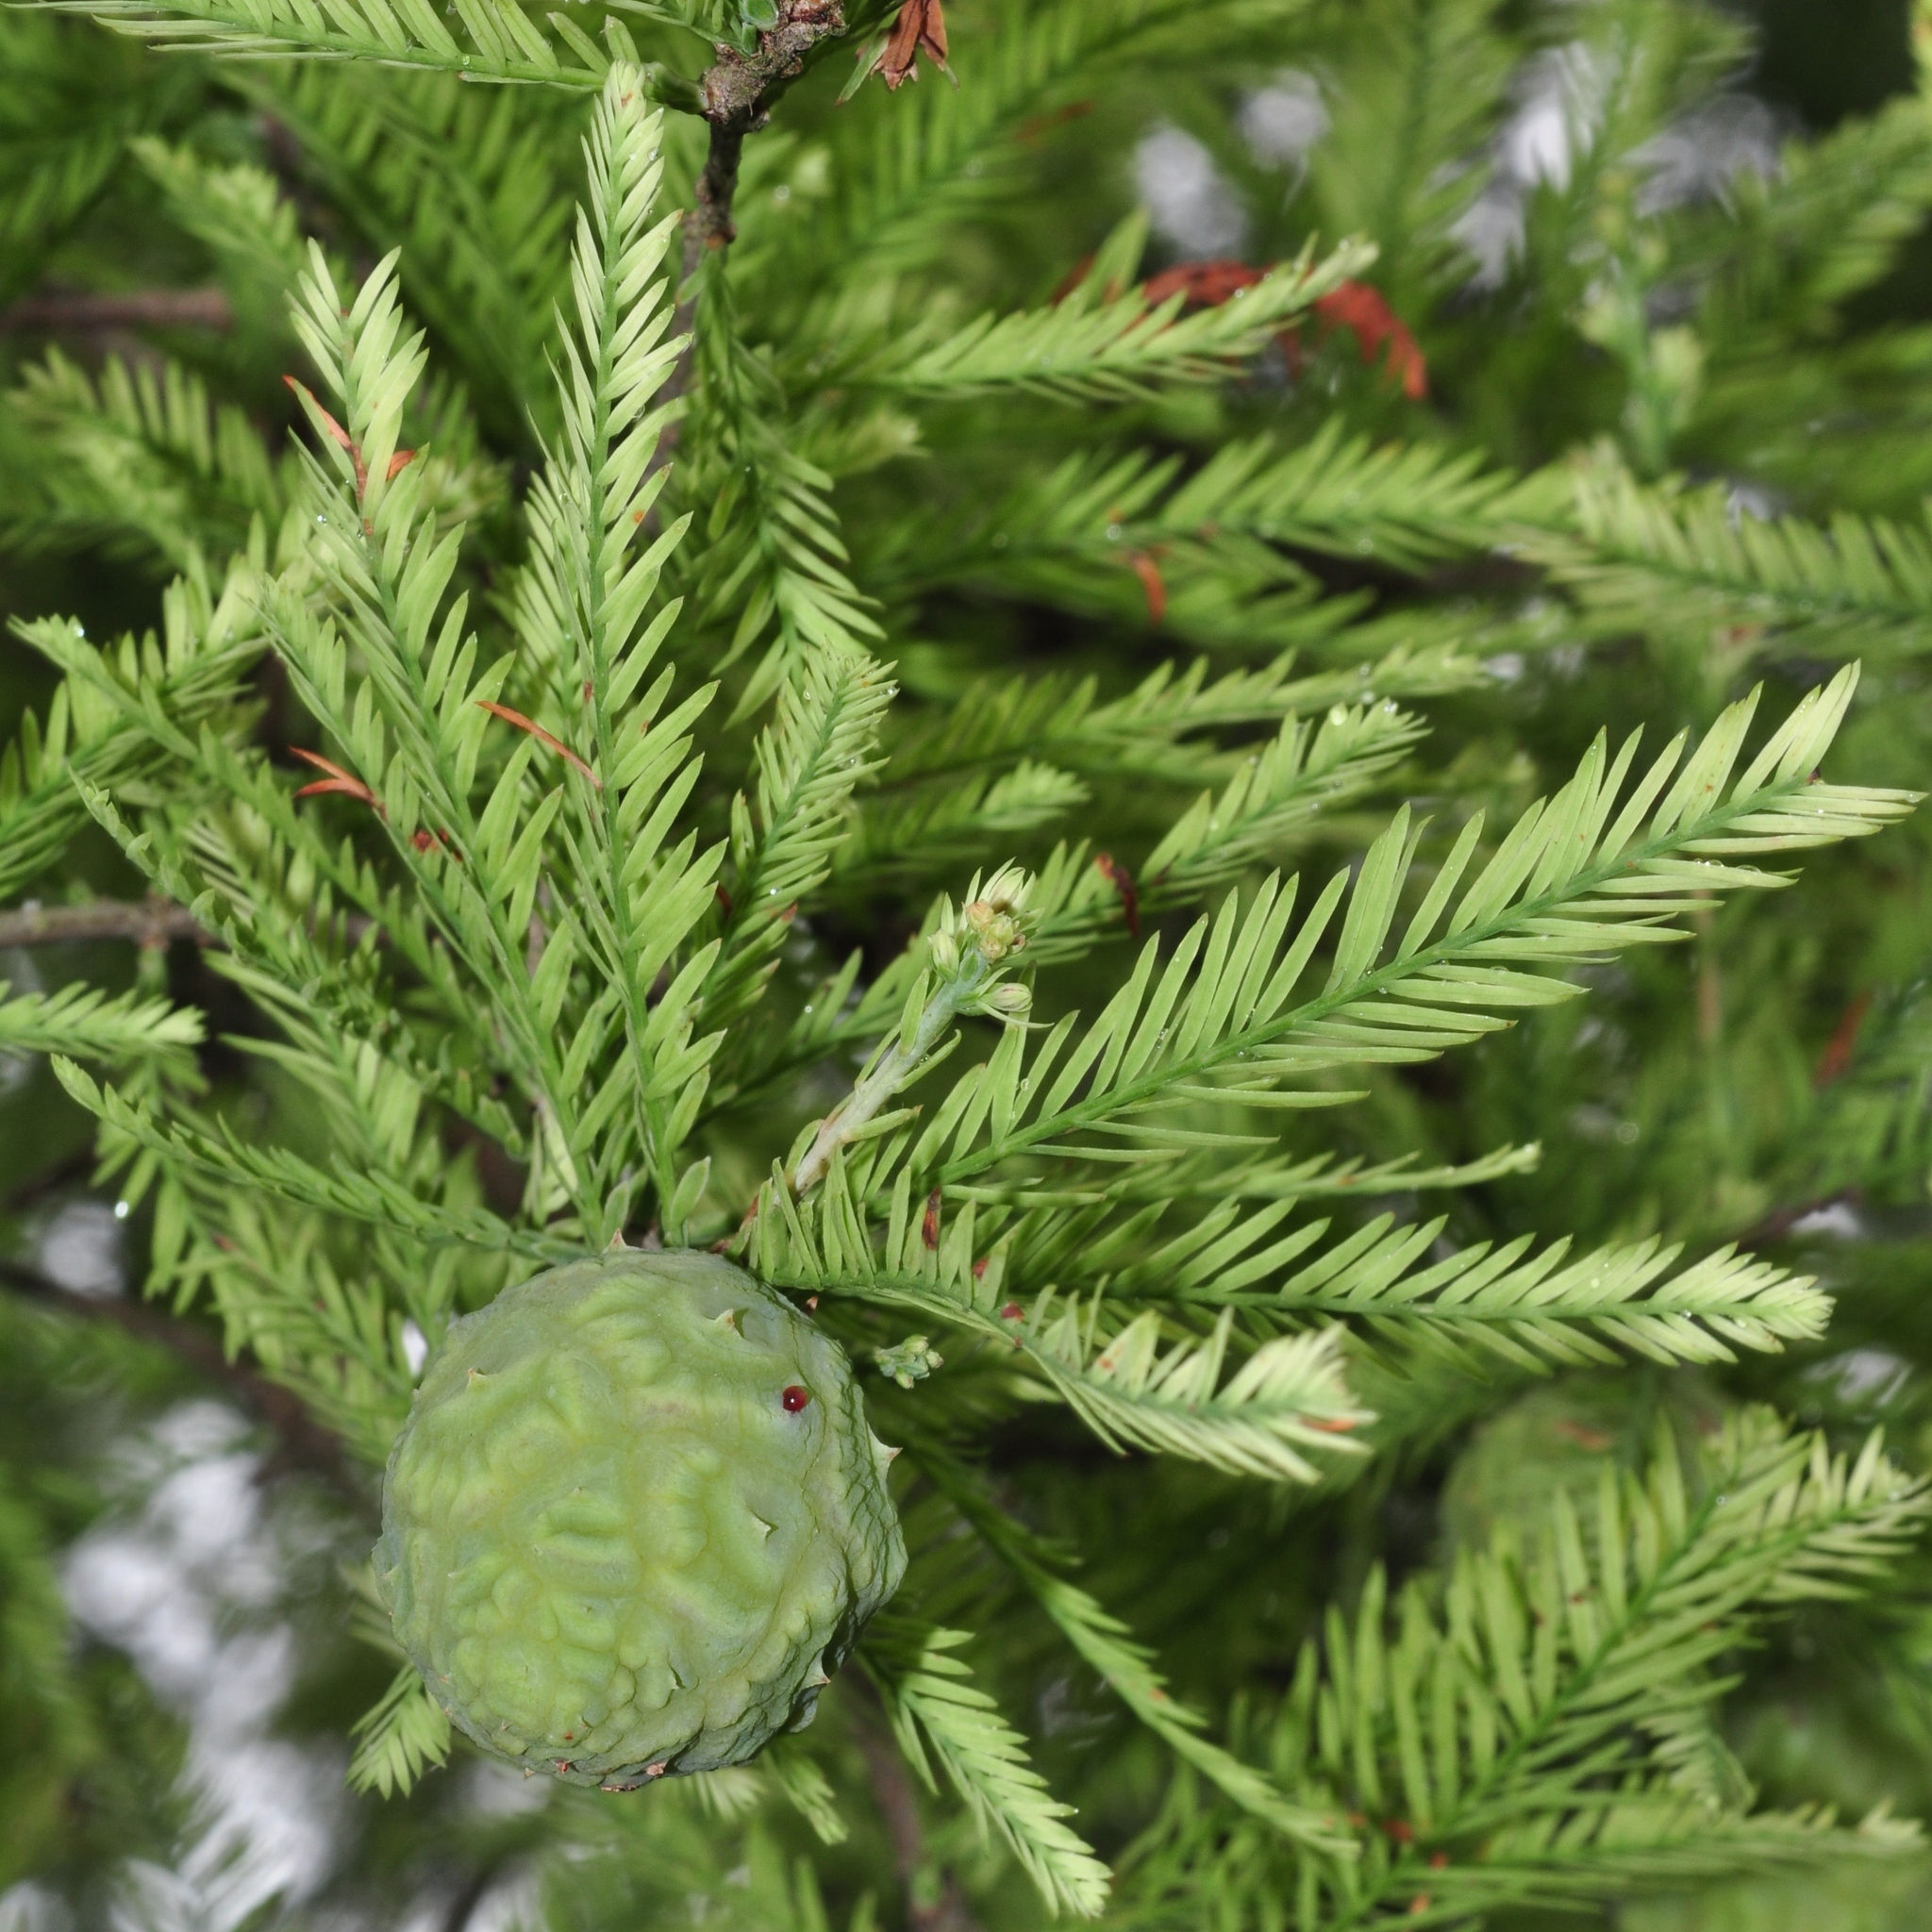 Garden Taxodium Distichum Cupressaceae Image 42625 At